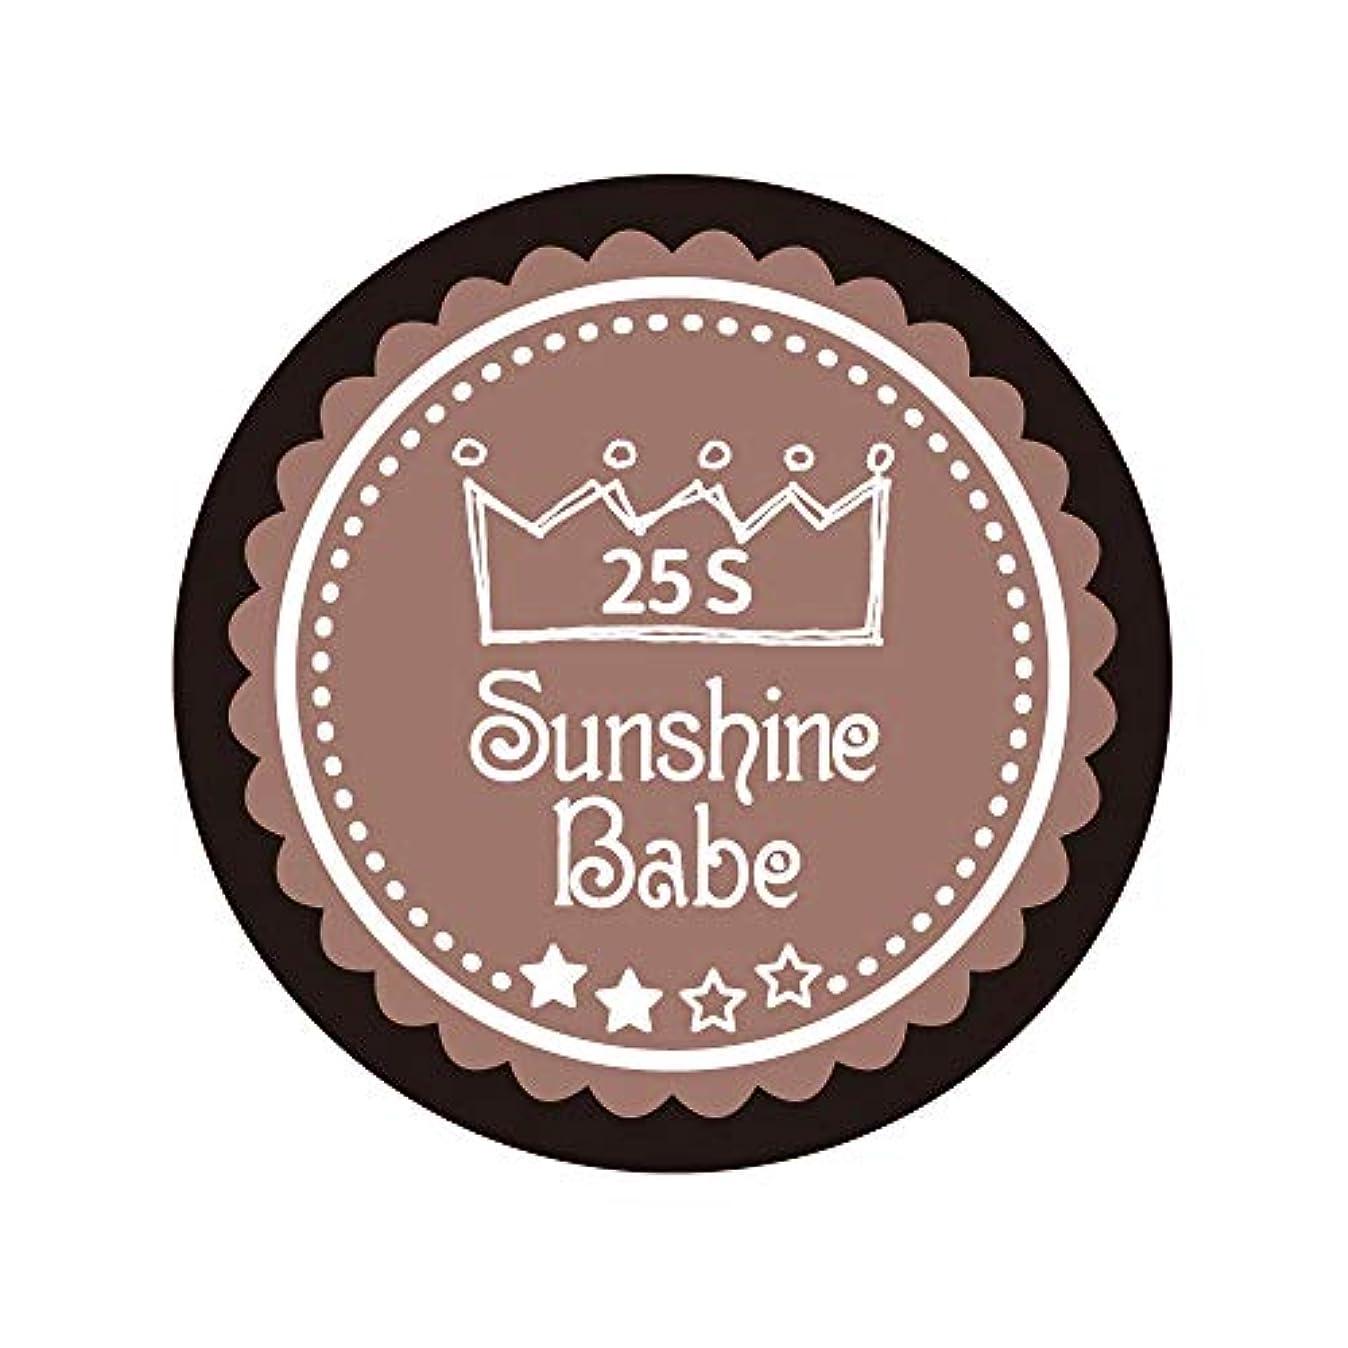 バングラデシュ抑制する整理するSunshine Babe カラージェル 25S ミルキーココア 2.7g UV/LED対応